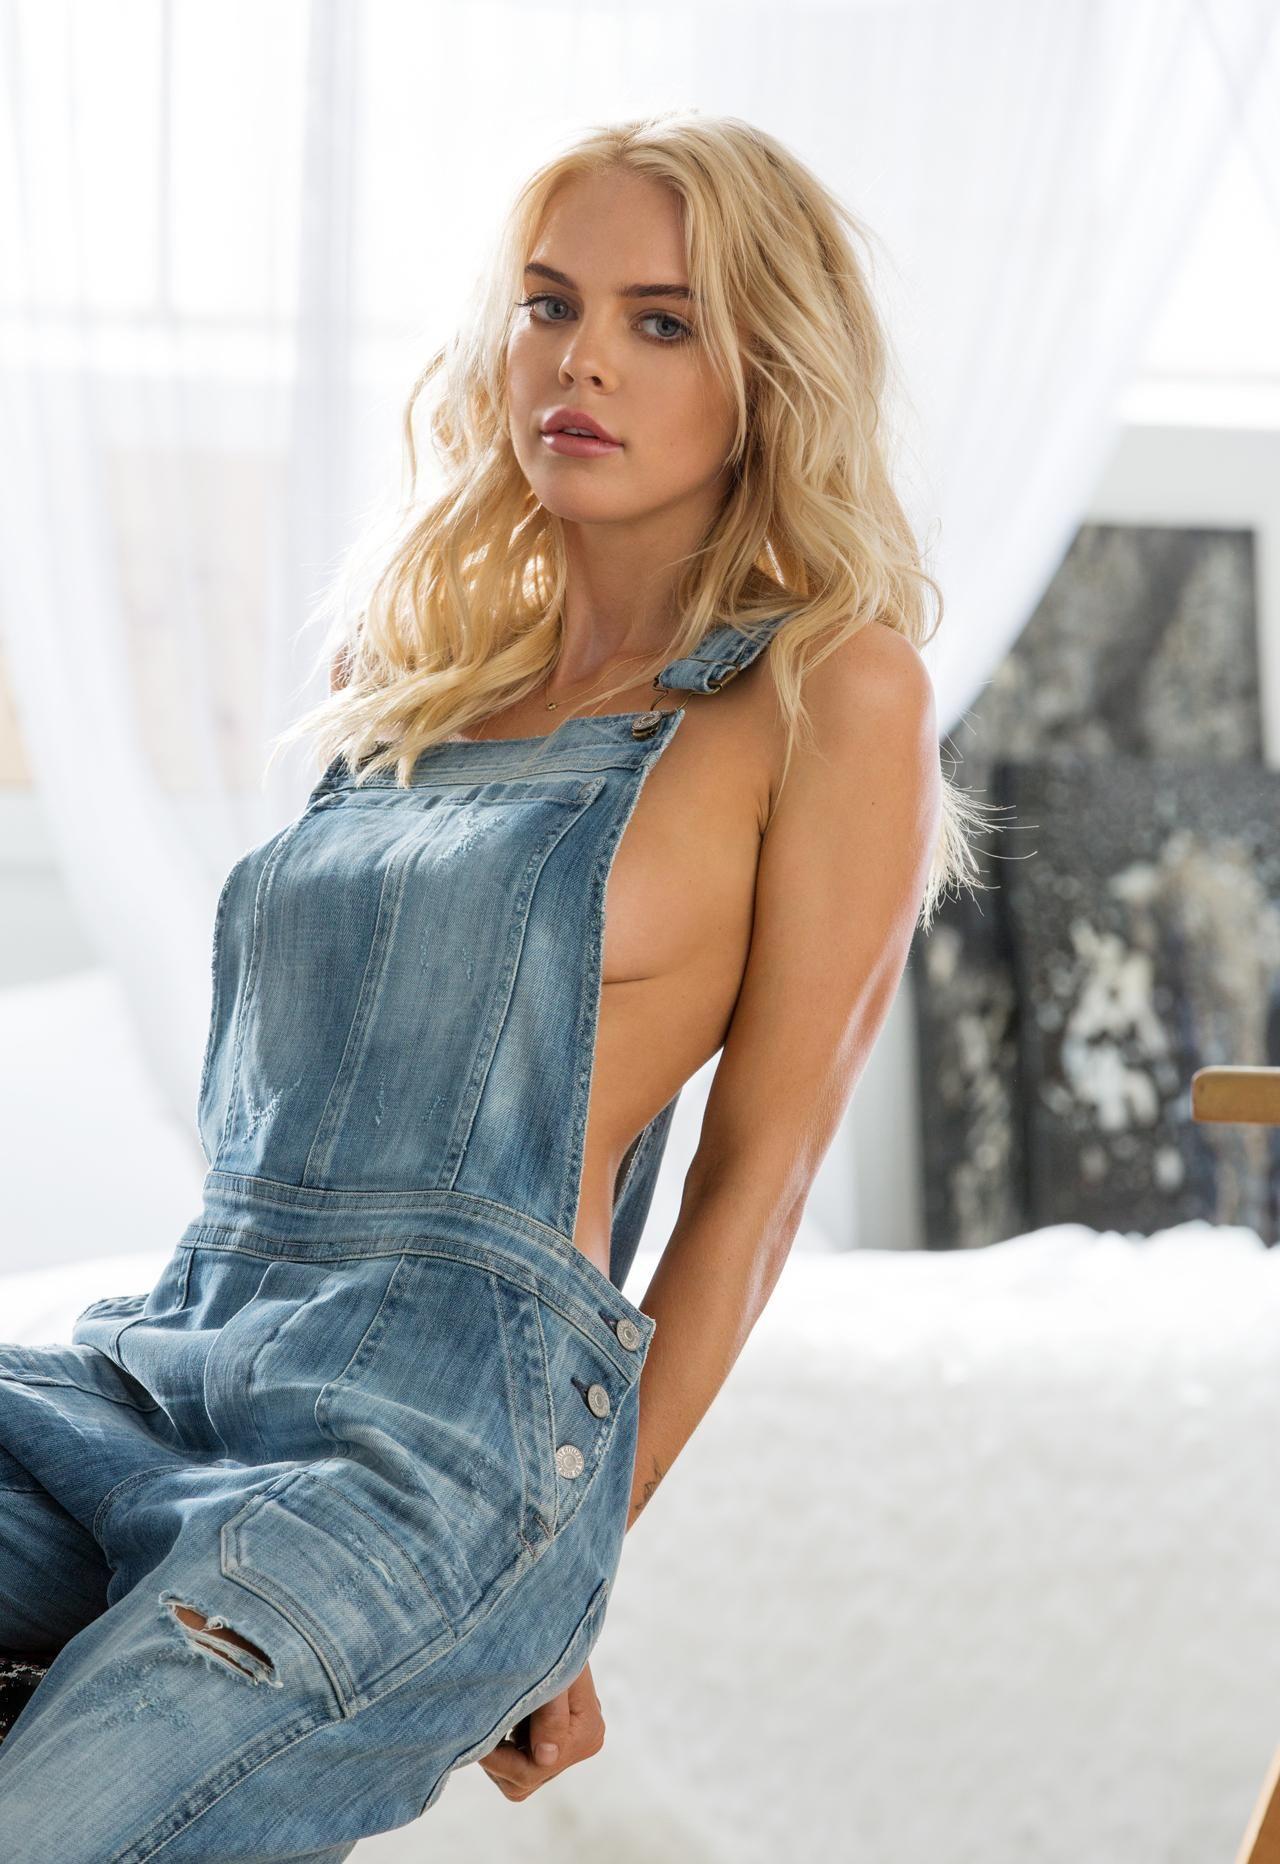 Rachel Harris Nude Photos 18